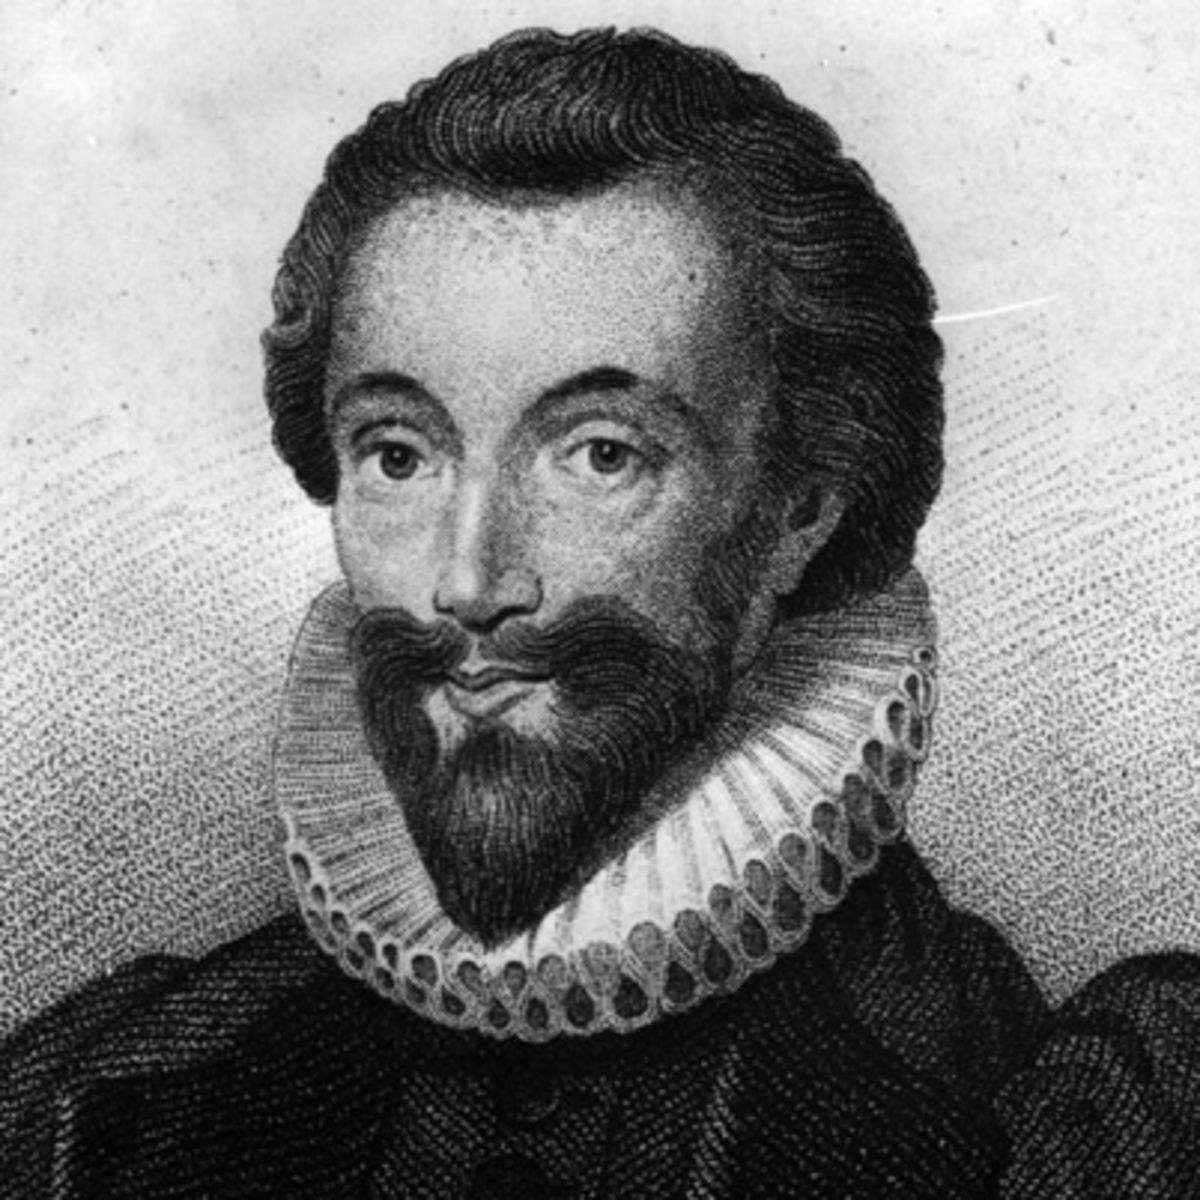 John Donne's Holy Sonnet XVII